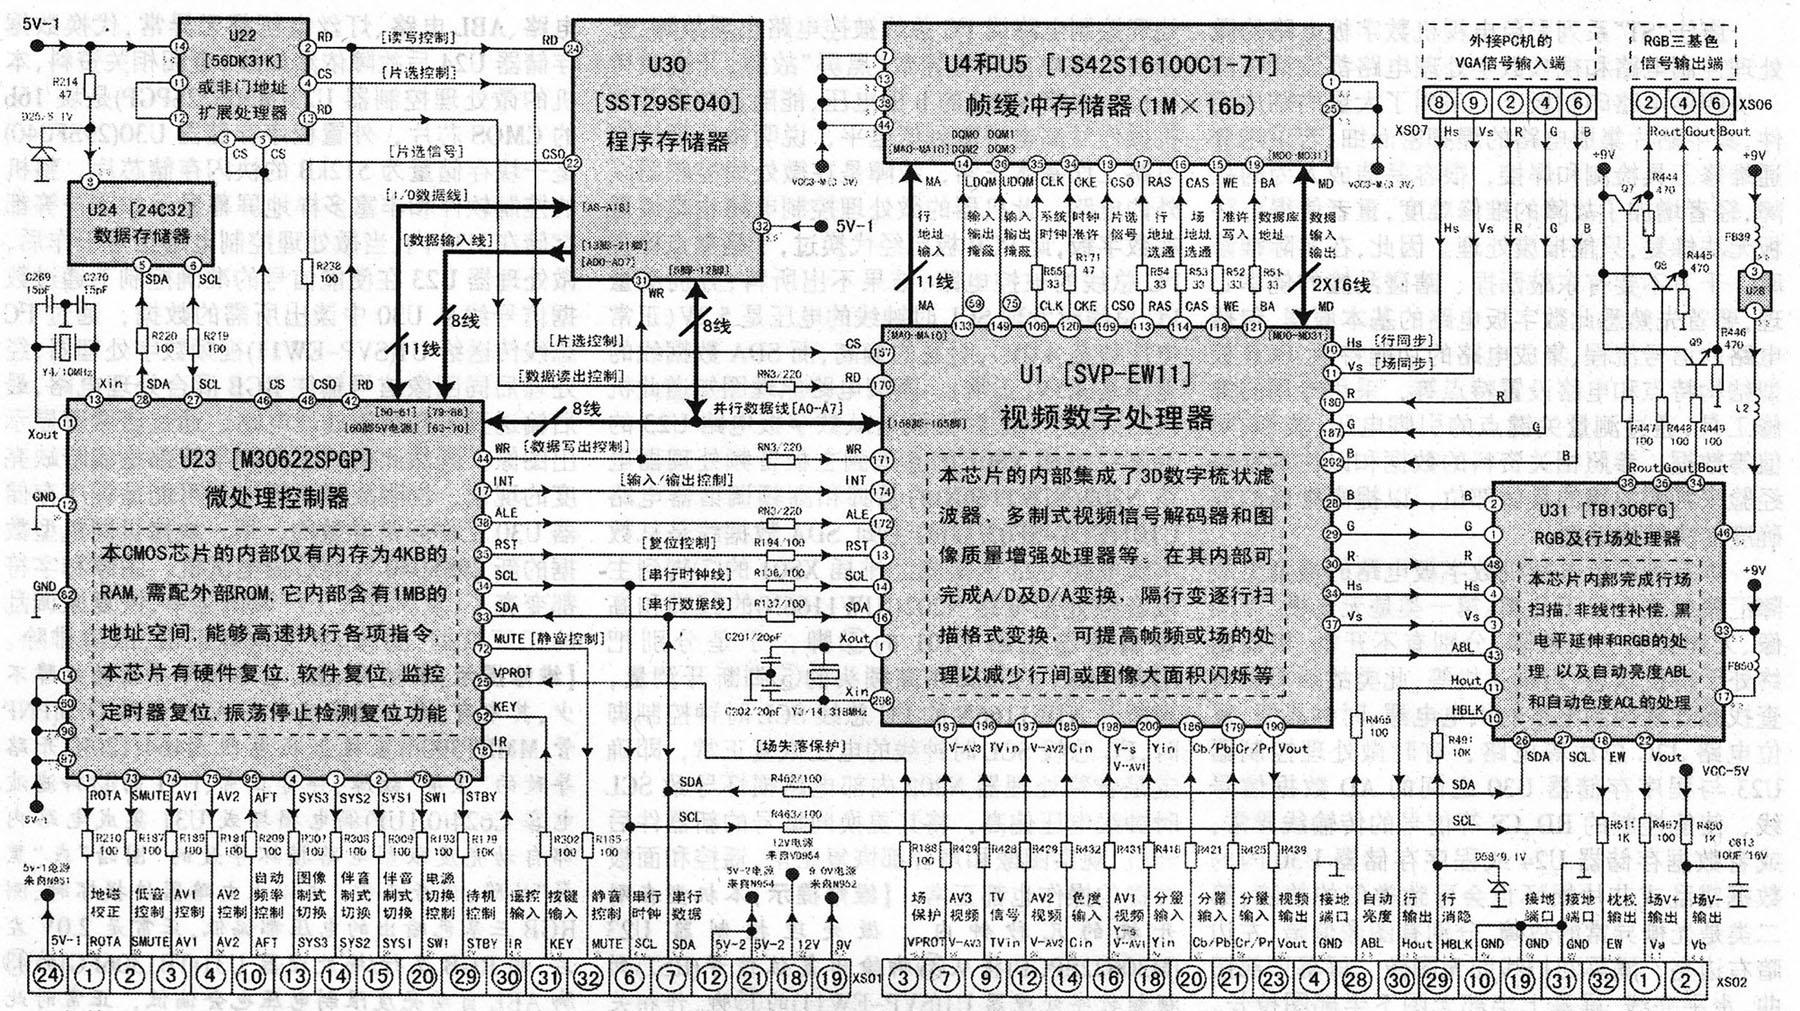 康佳高清数字CRT彩电P29ST386机型数字板原理框图介绍